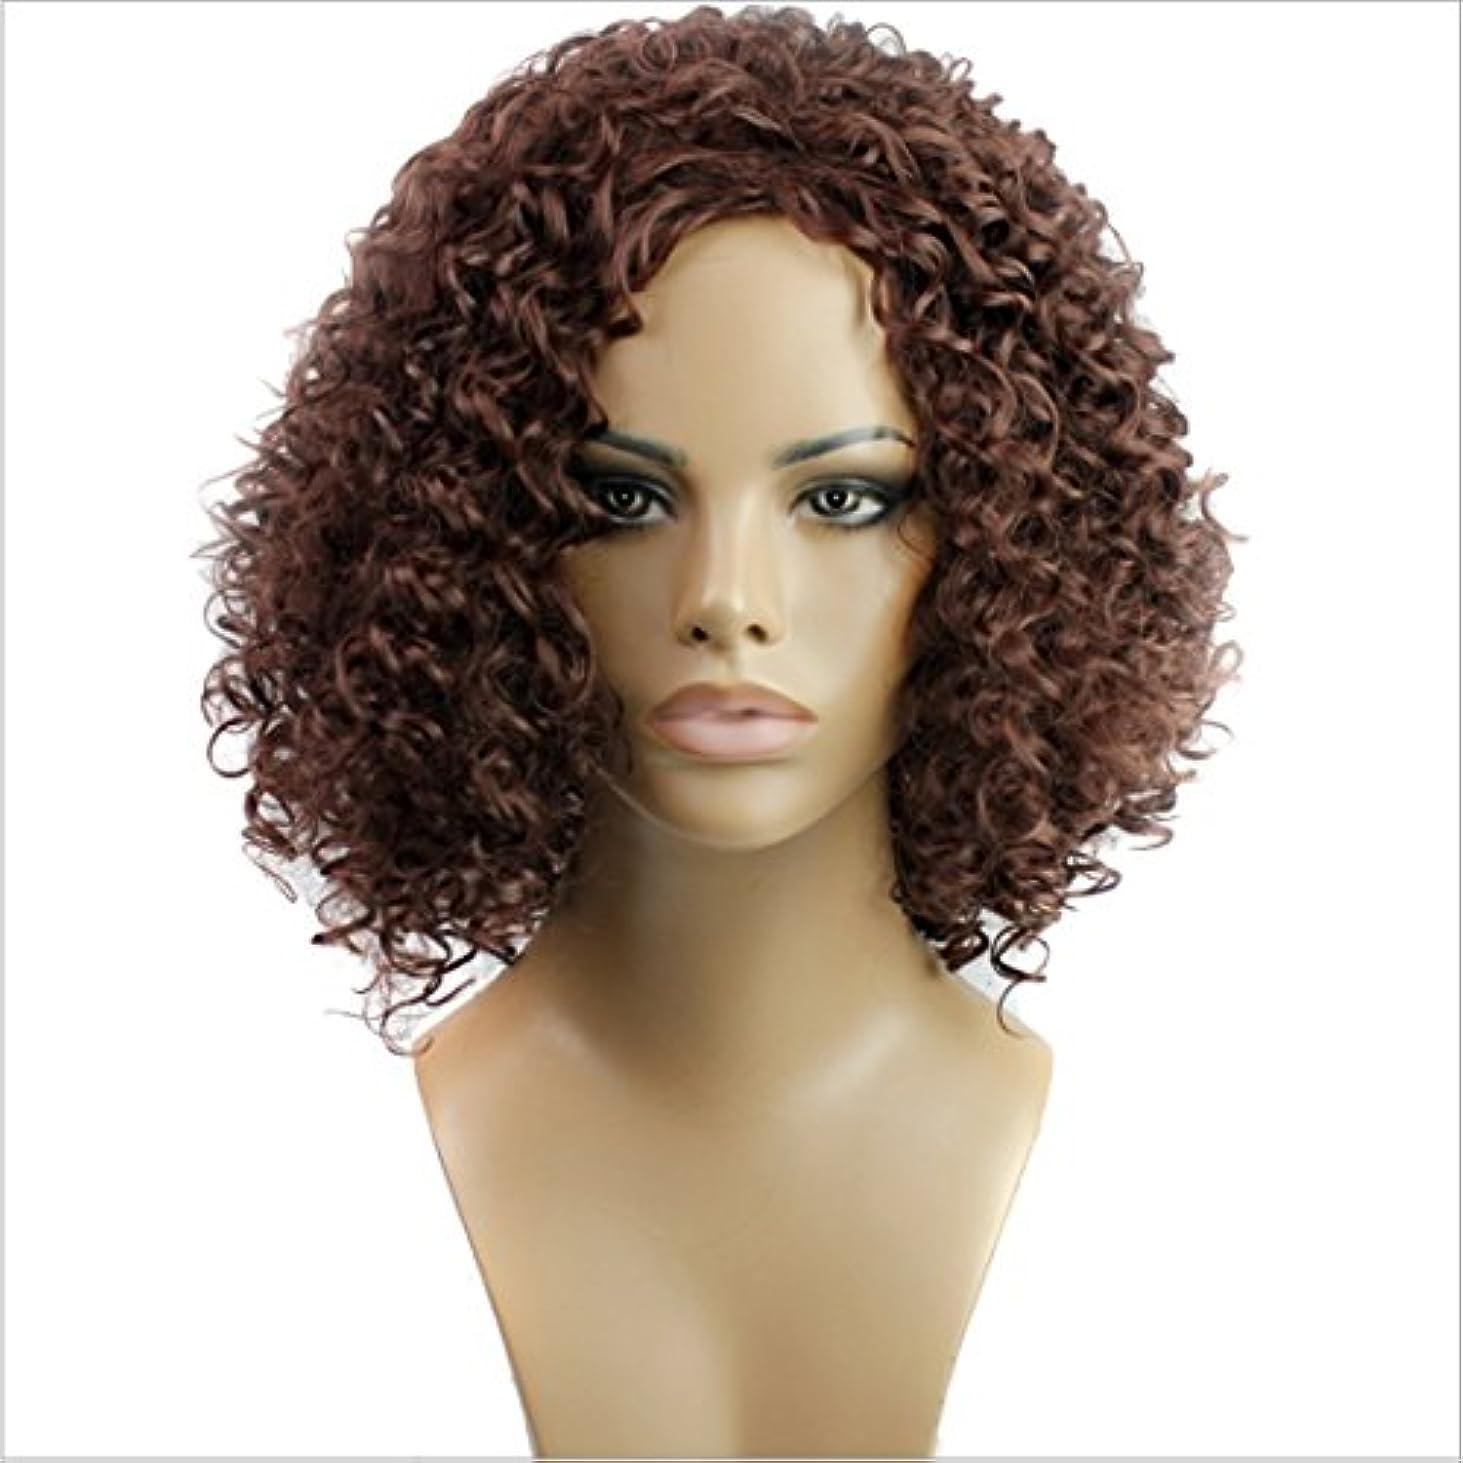 にメールを書く阻害するYOUQIU 長い前髪髪ナチュラルカラーウィッグ耐熱210グラムで女子ショートカーリーウィッグのために15インチの合成高温ウィッグ(ワインレッド、黒)ウィッグ (色 : ワインレッド)